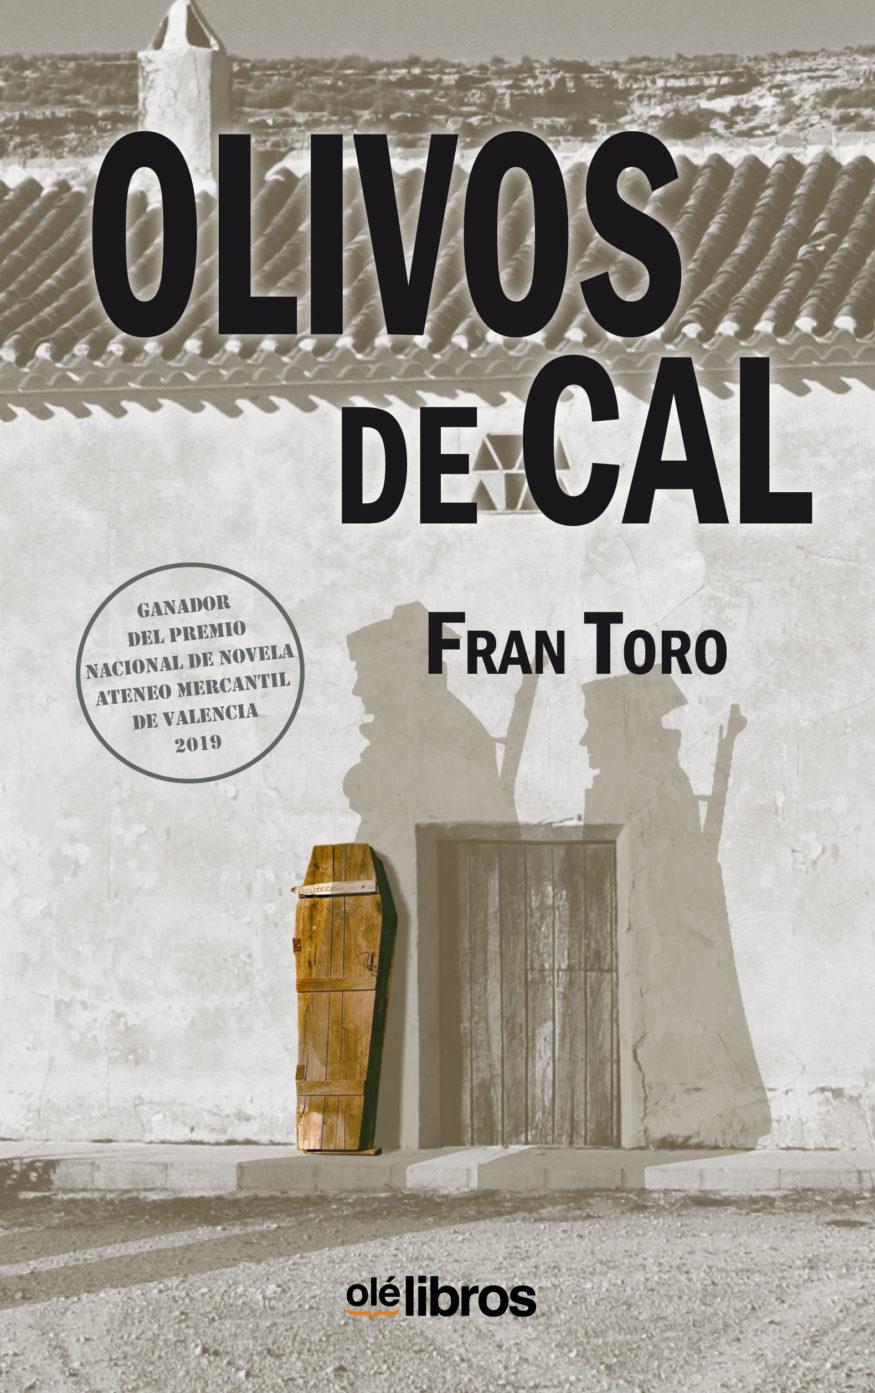 olivos_cal_fran_toro_ole_libros_ateneo_valencia